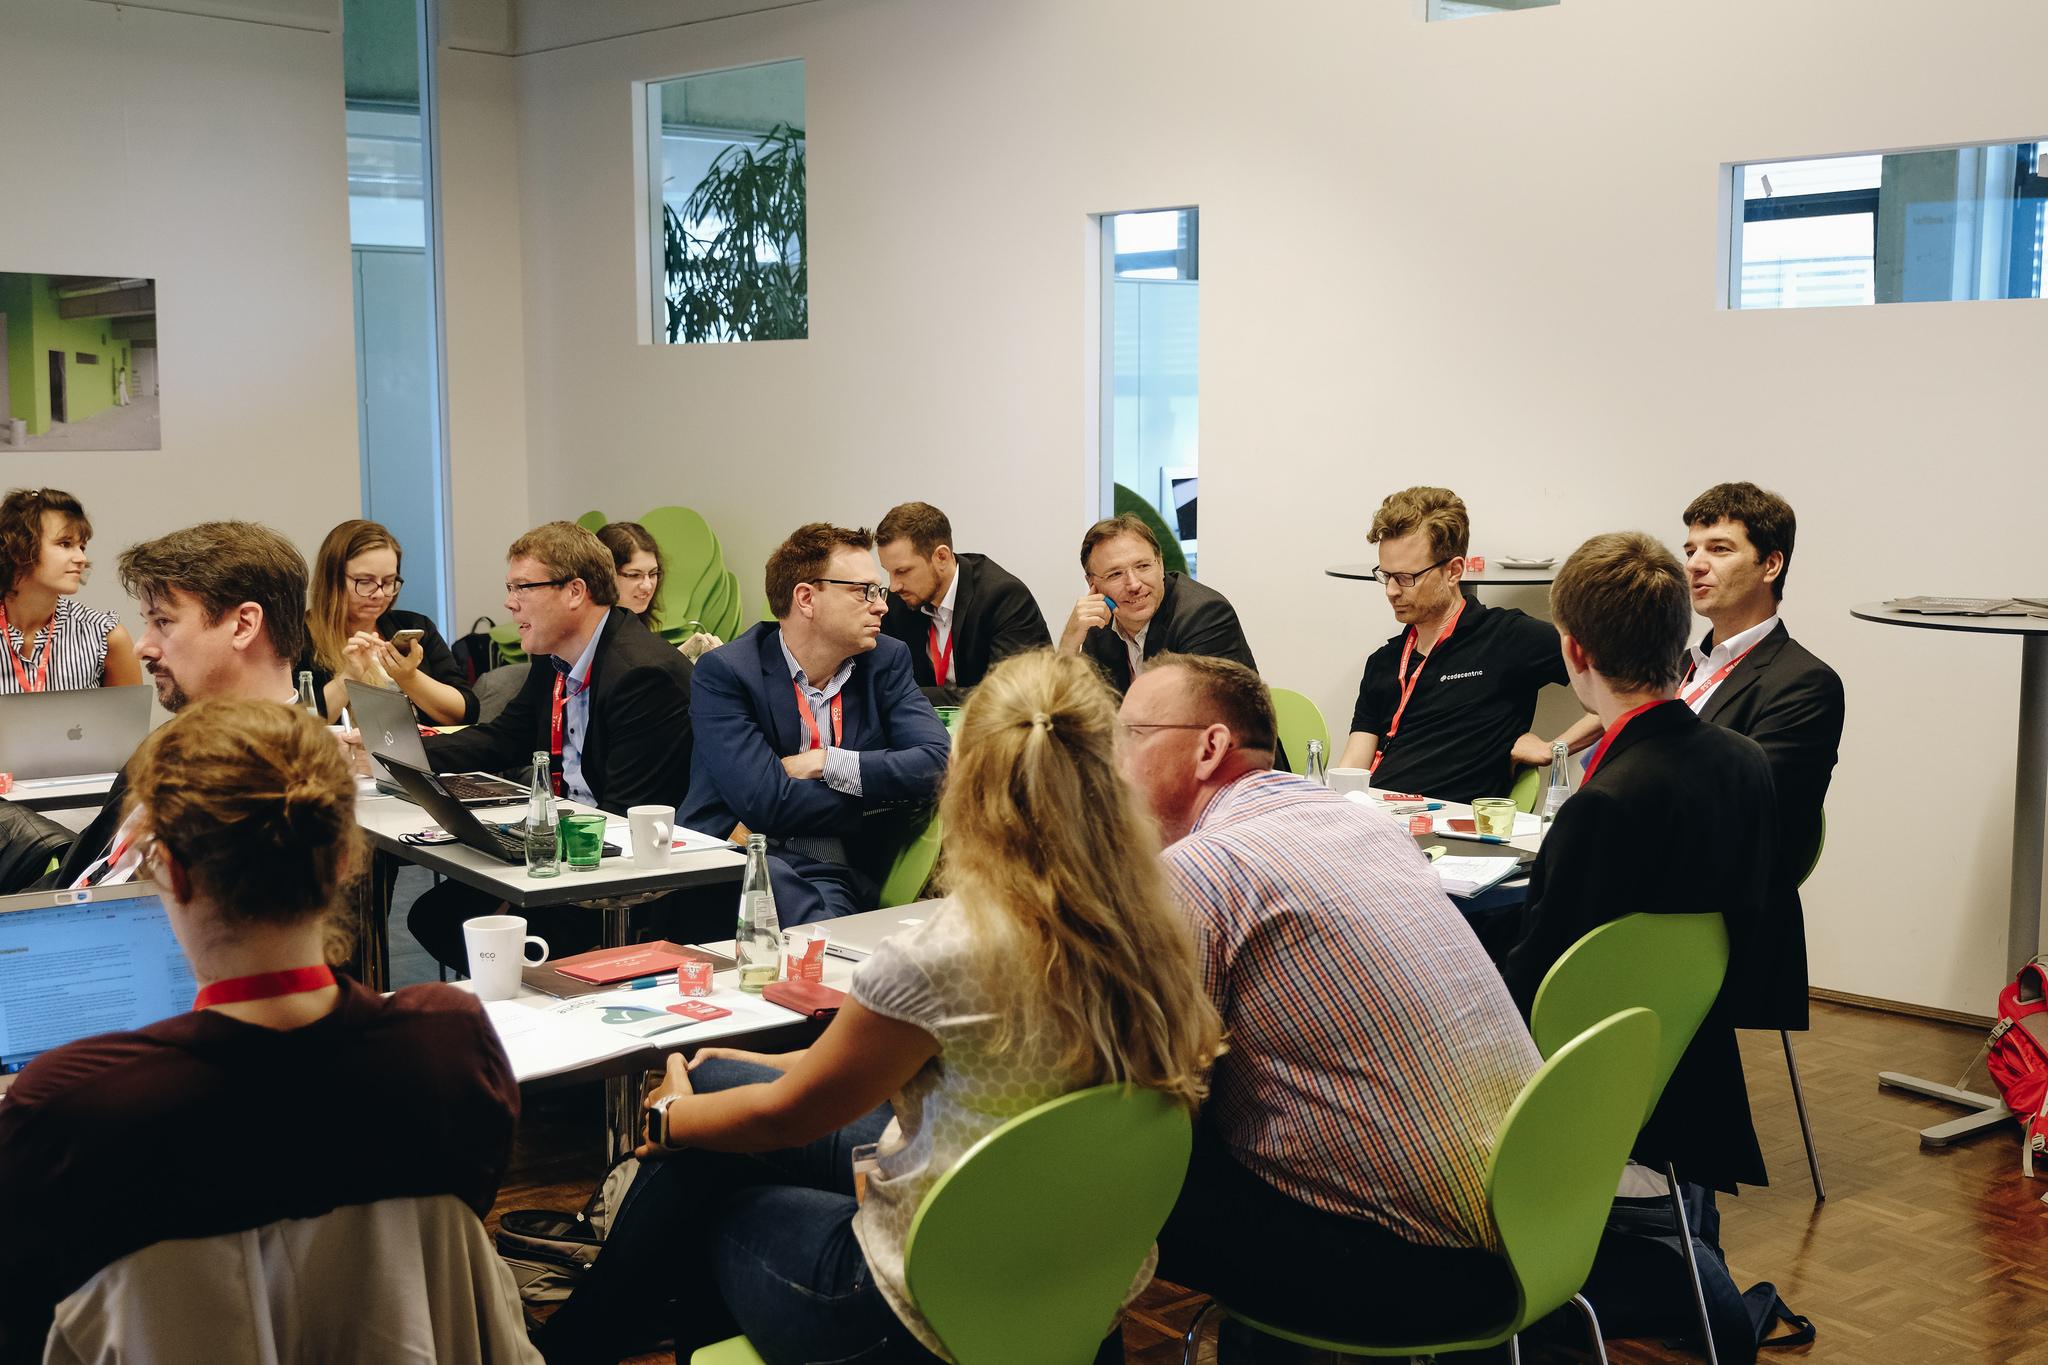 AUDITOR Workshop: Ergebnisse zur praxisgerechten Umsetzung der EU DSGVO 2